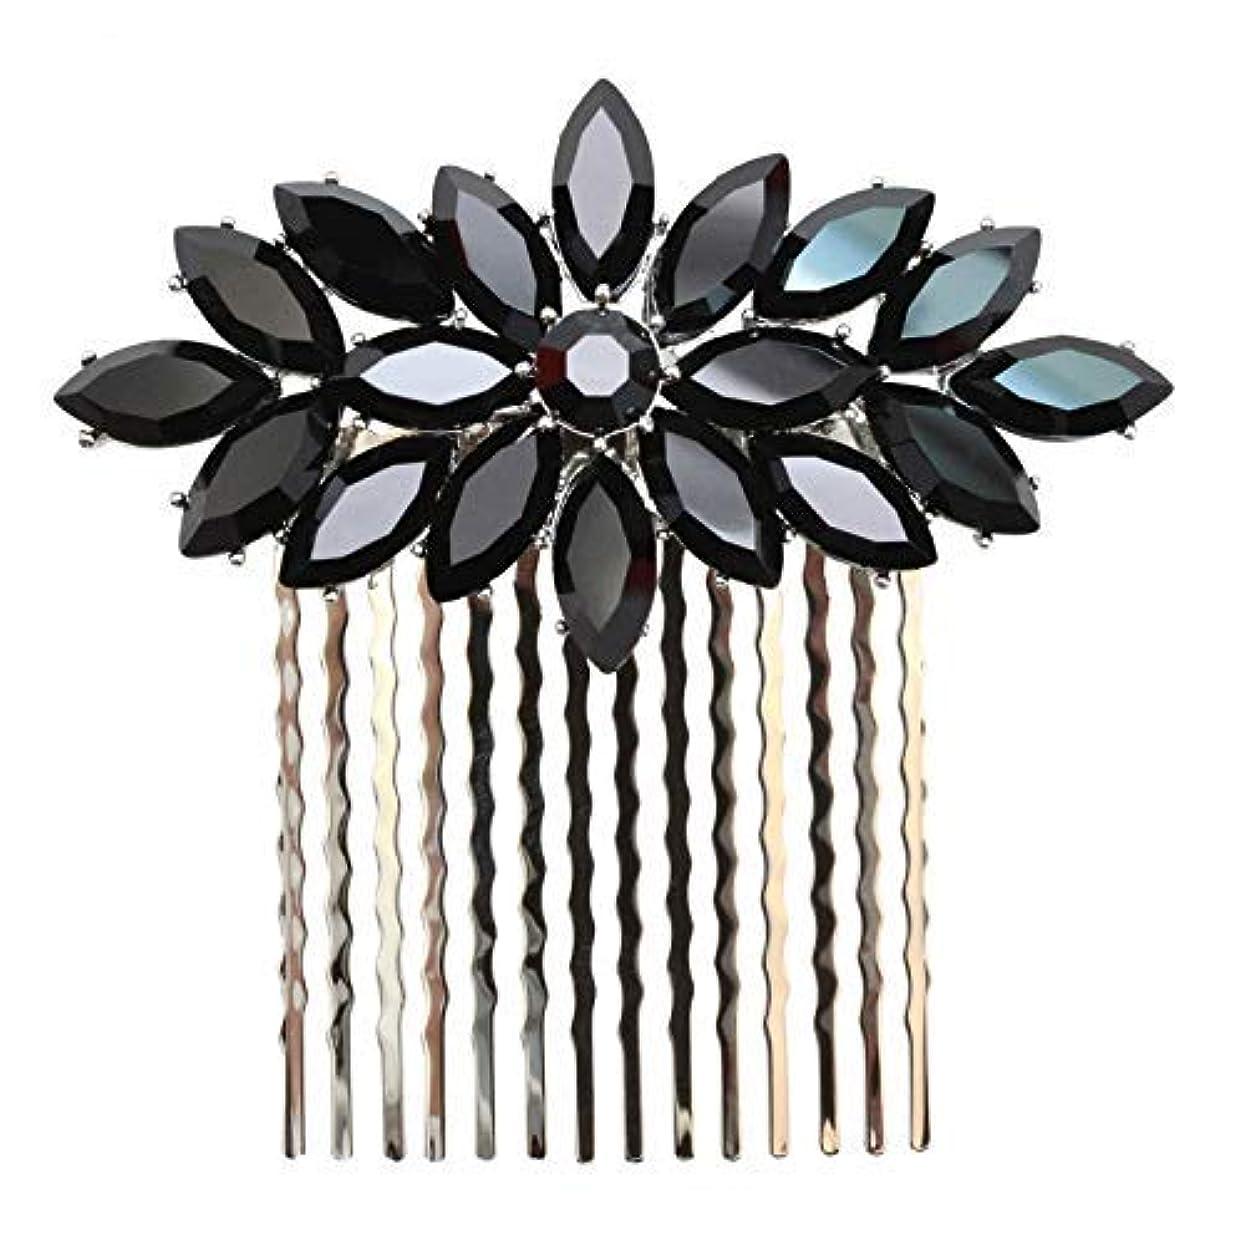 解読する起きろしないFaship Black Rhinestone Crystal Floral Hair Comb [並行輸入品]